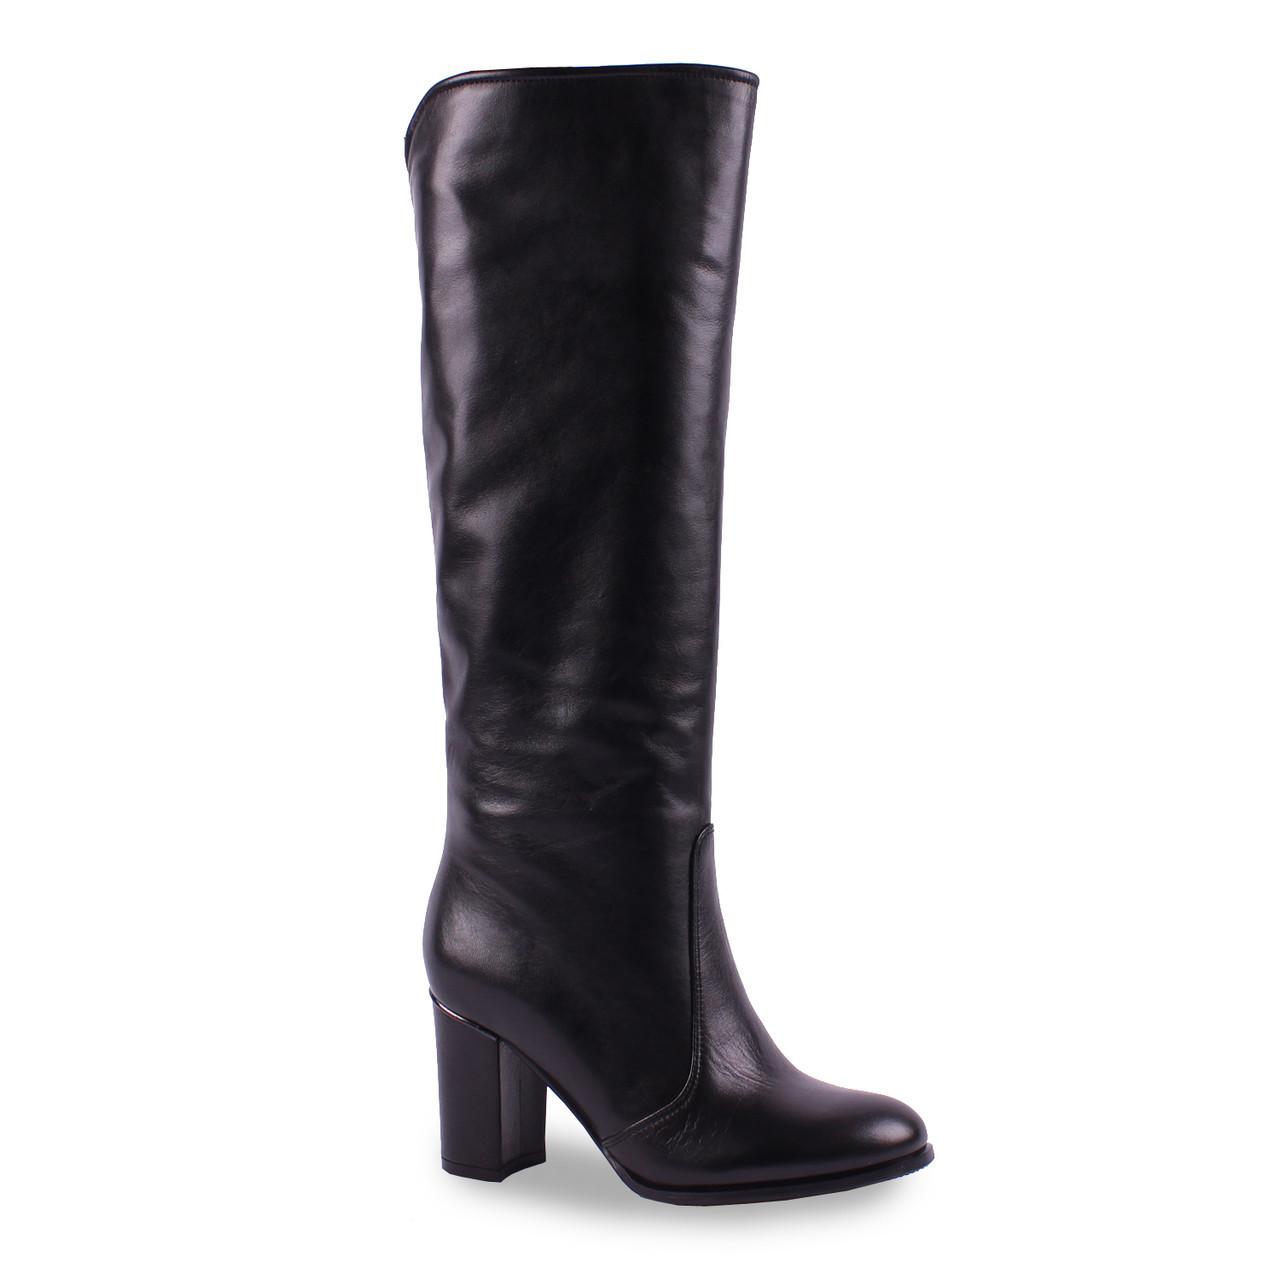 Модные женские сапоги Viko (кожаные, зимние, черные, на каблуке, теплые, на замке)